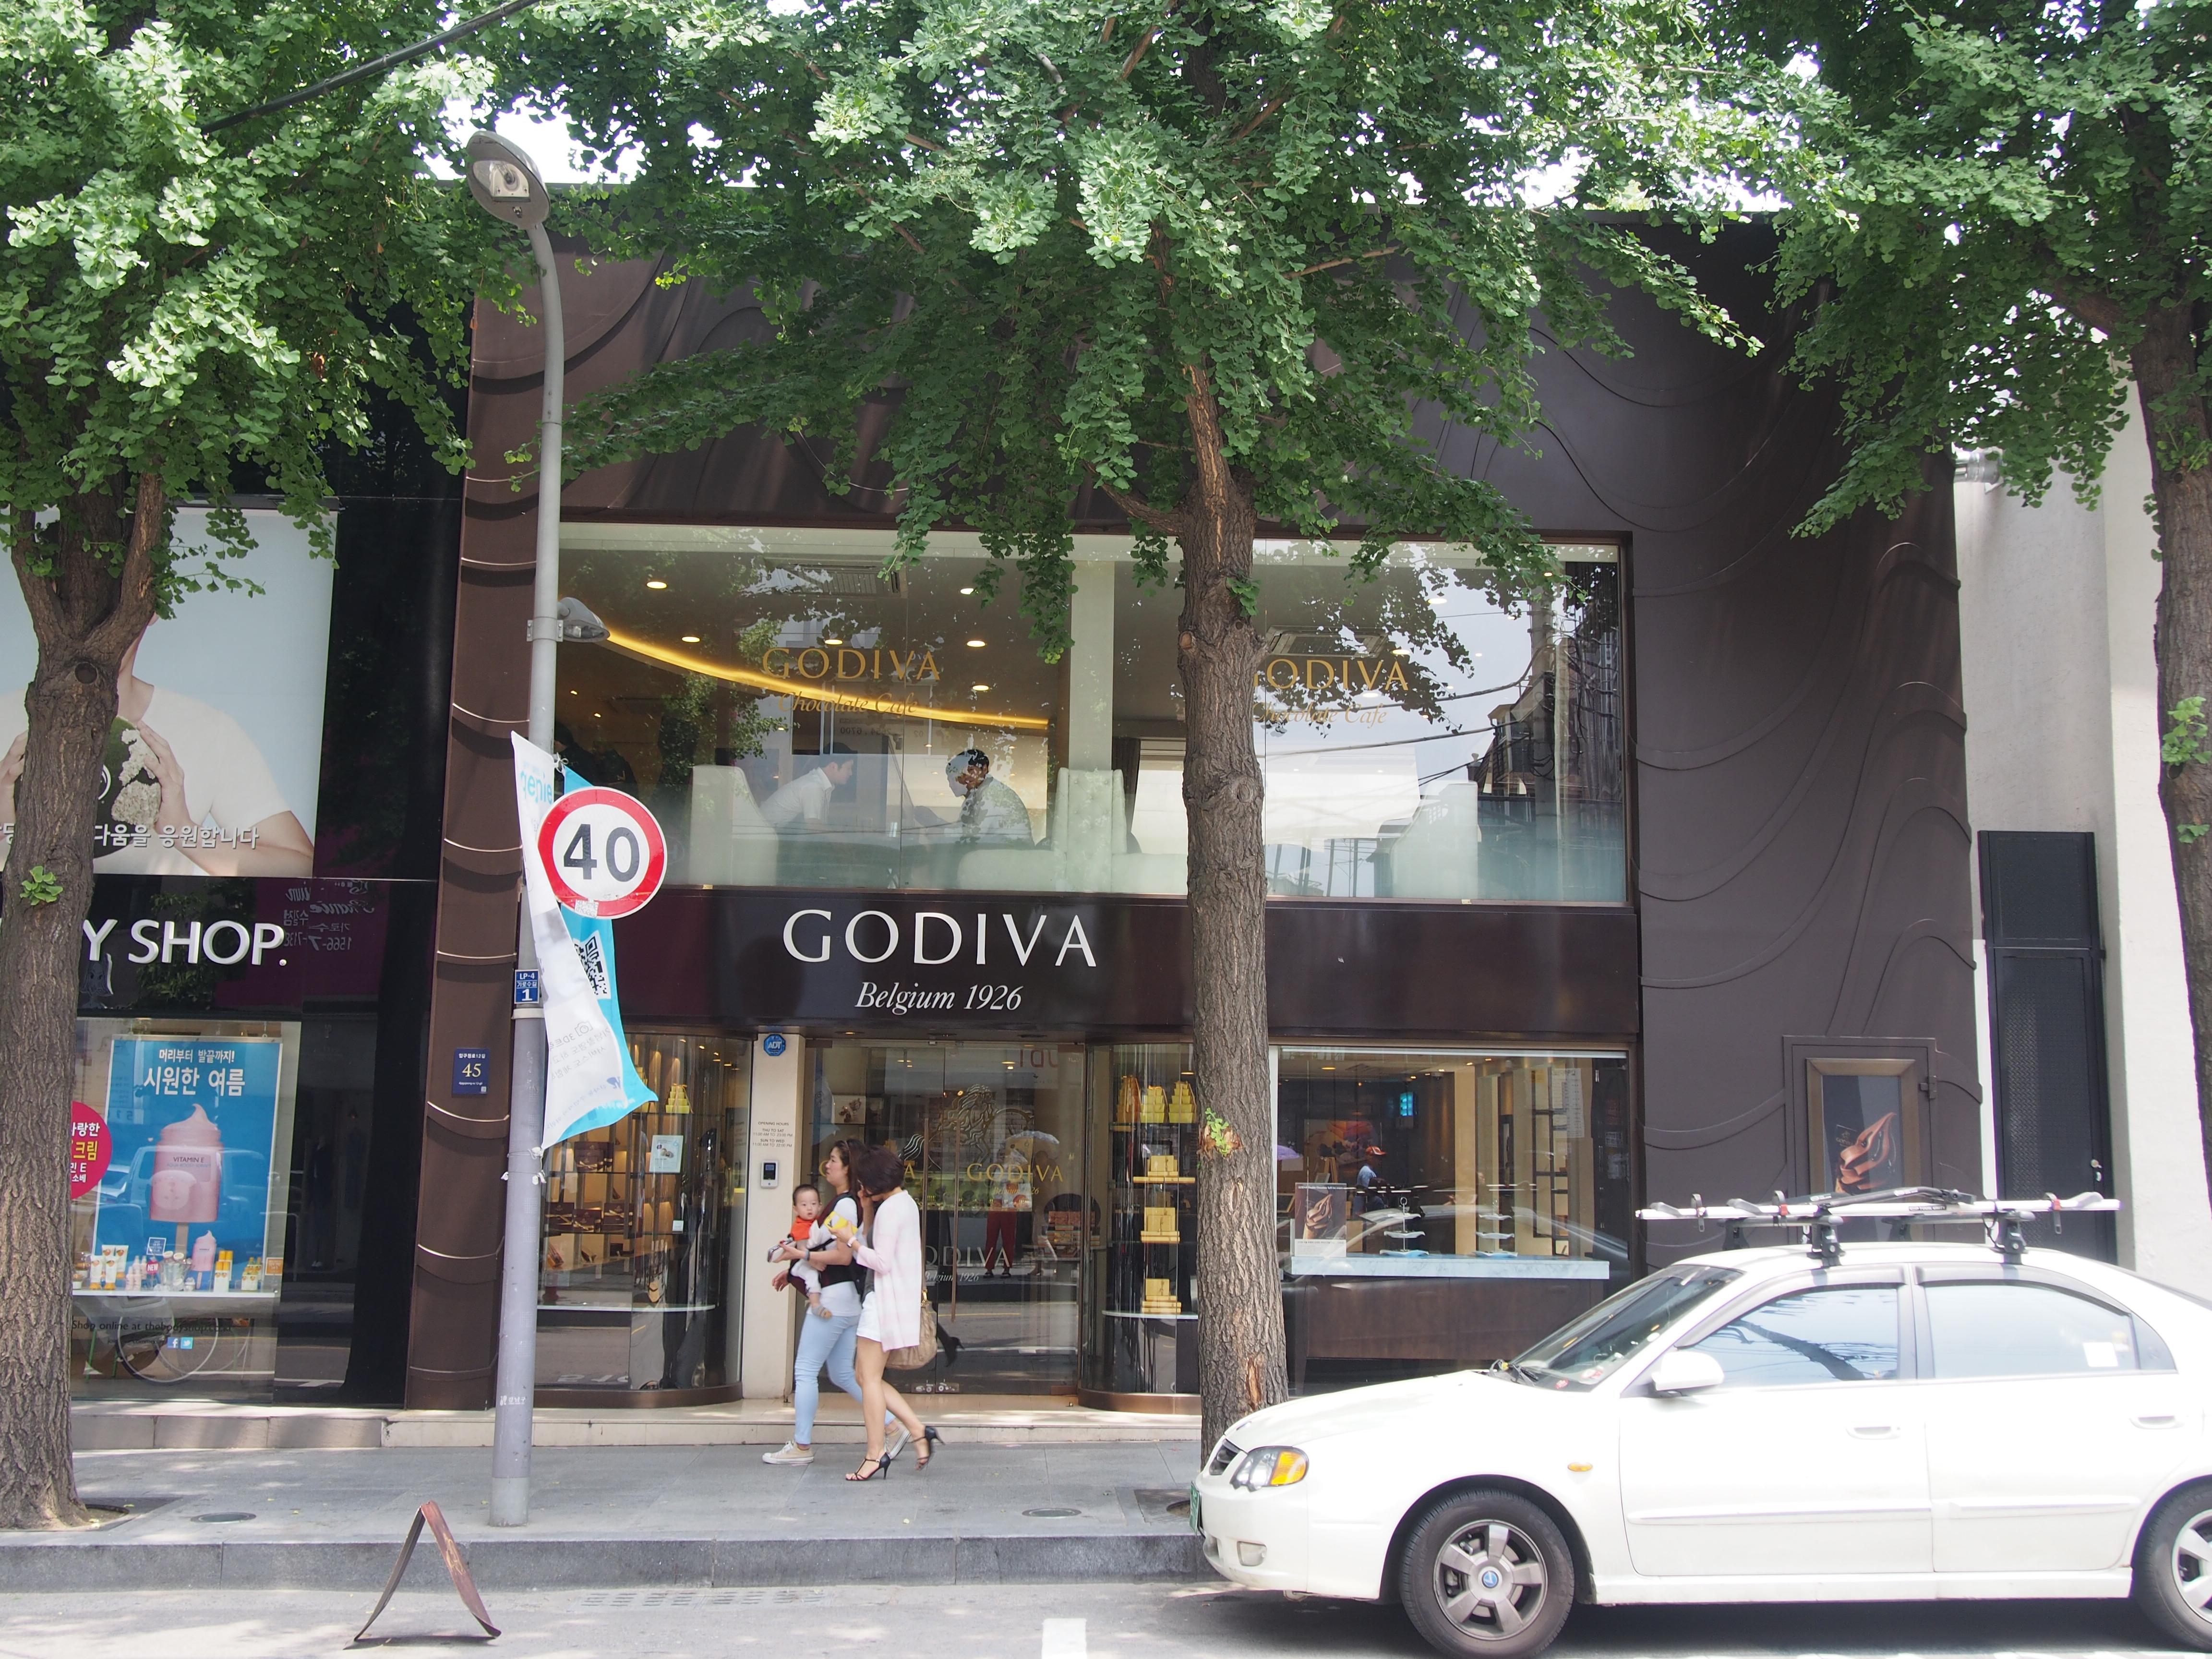 林荫大道 行走在韩国 母女两的首尔自由行高清图片